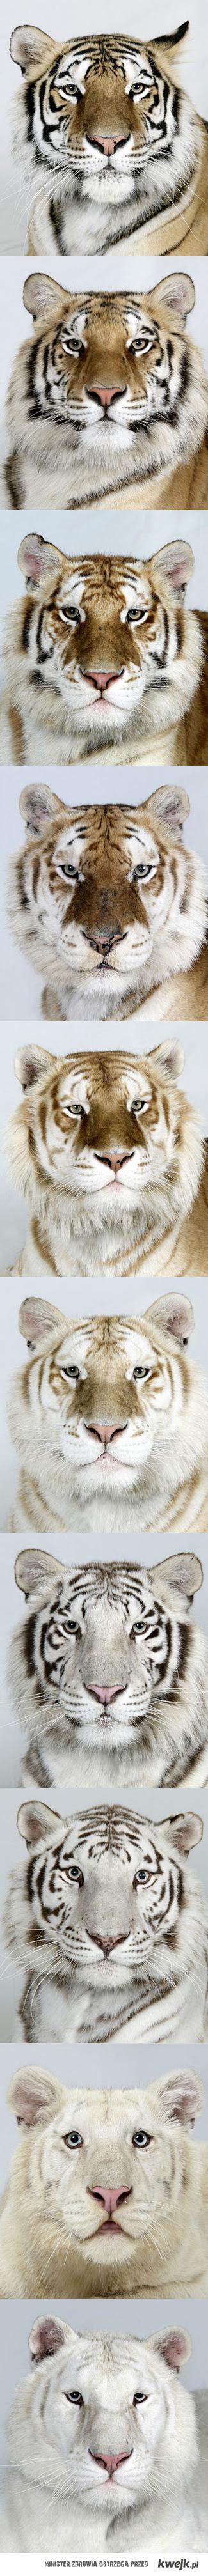 Umaszczenia tygrysów